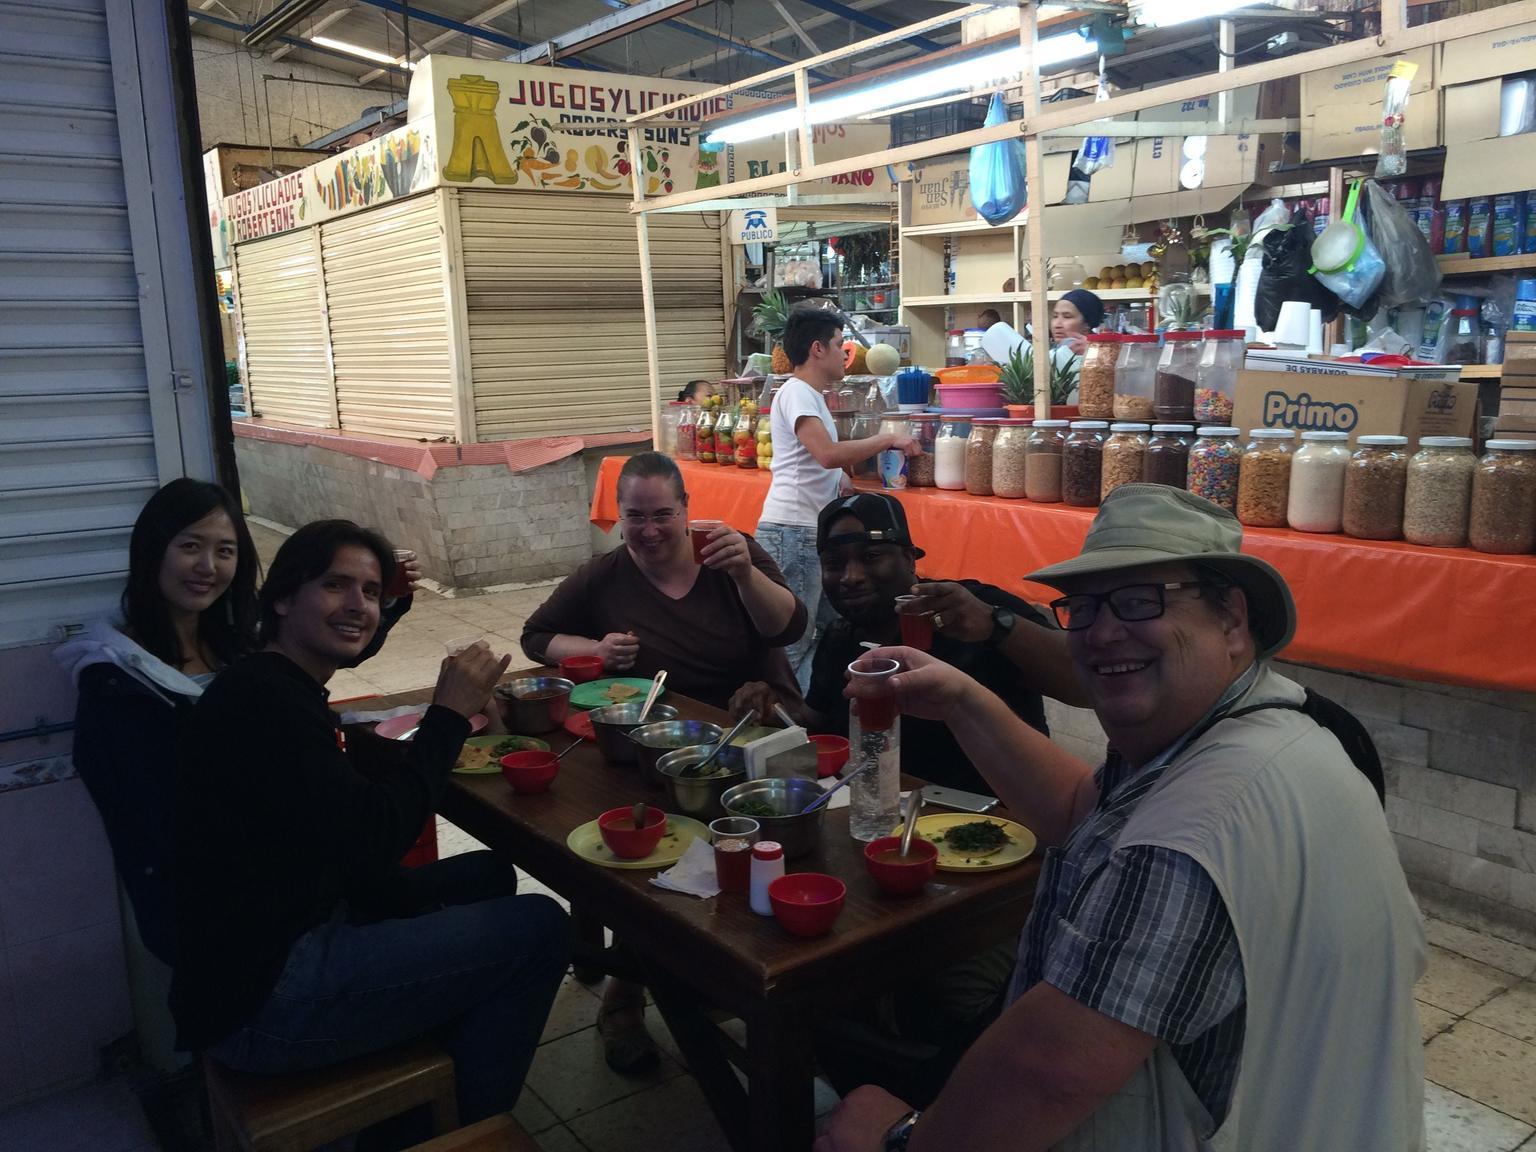 MAIS FOTOS, Excursão gastronômica e pelos mercados da Cidade do México